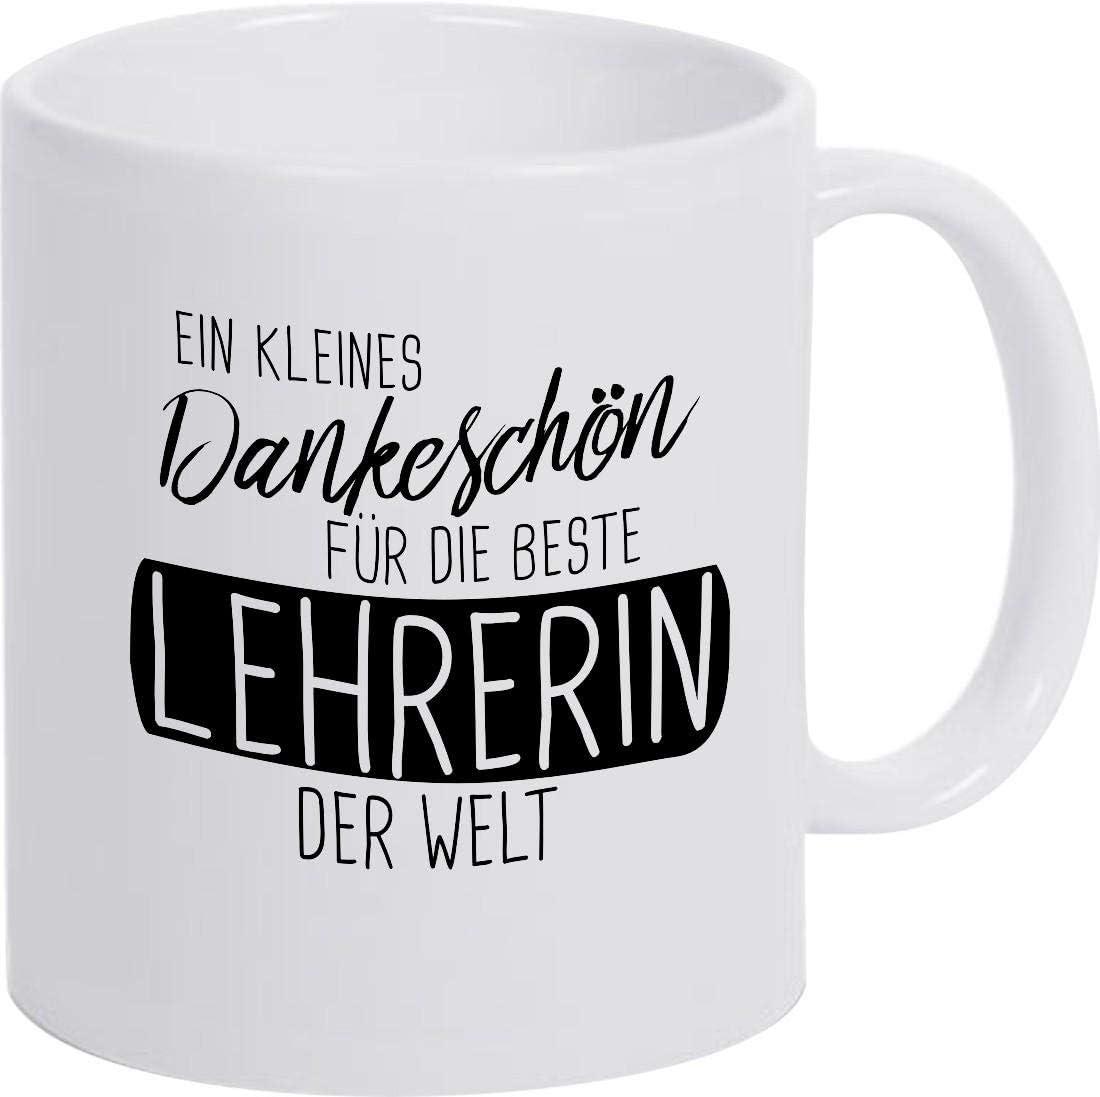 Kita Hort Erzieh Beste Lehrerin der Welt Danke für die Schöne Zeit Kaffeepott